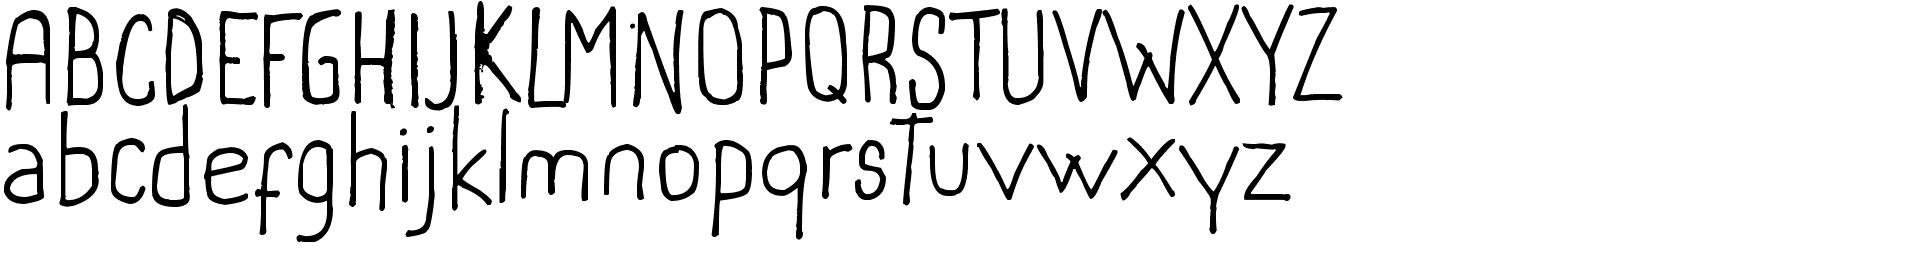 marivi handwriting